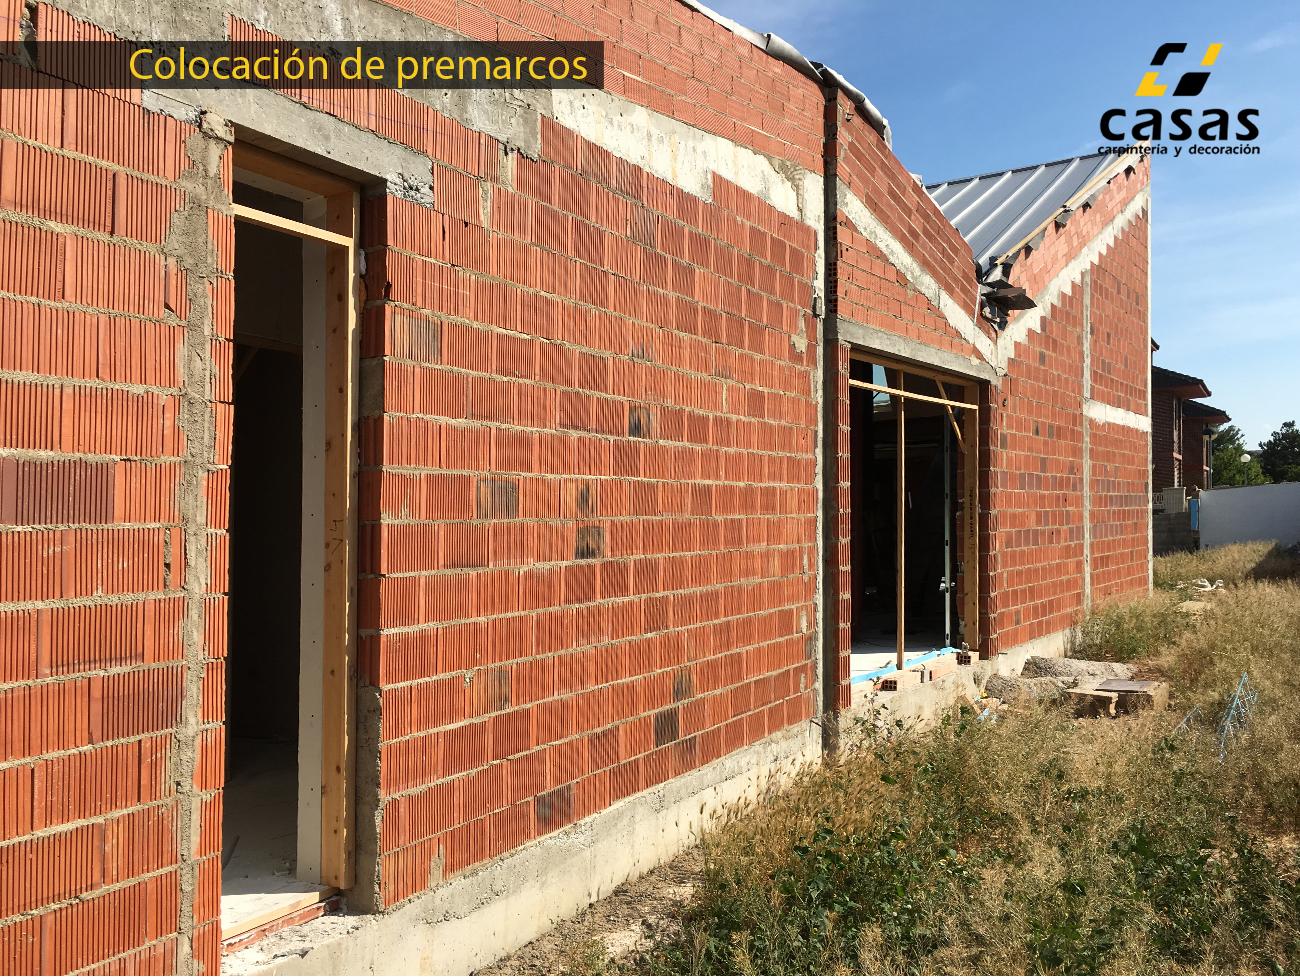 Cadrete 6 casas carpinter a y decoraci n - Carpinteria casas ...